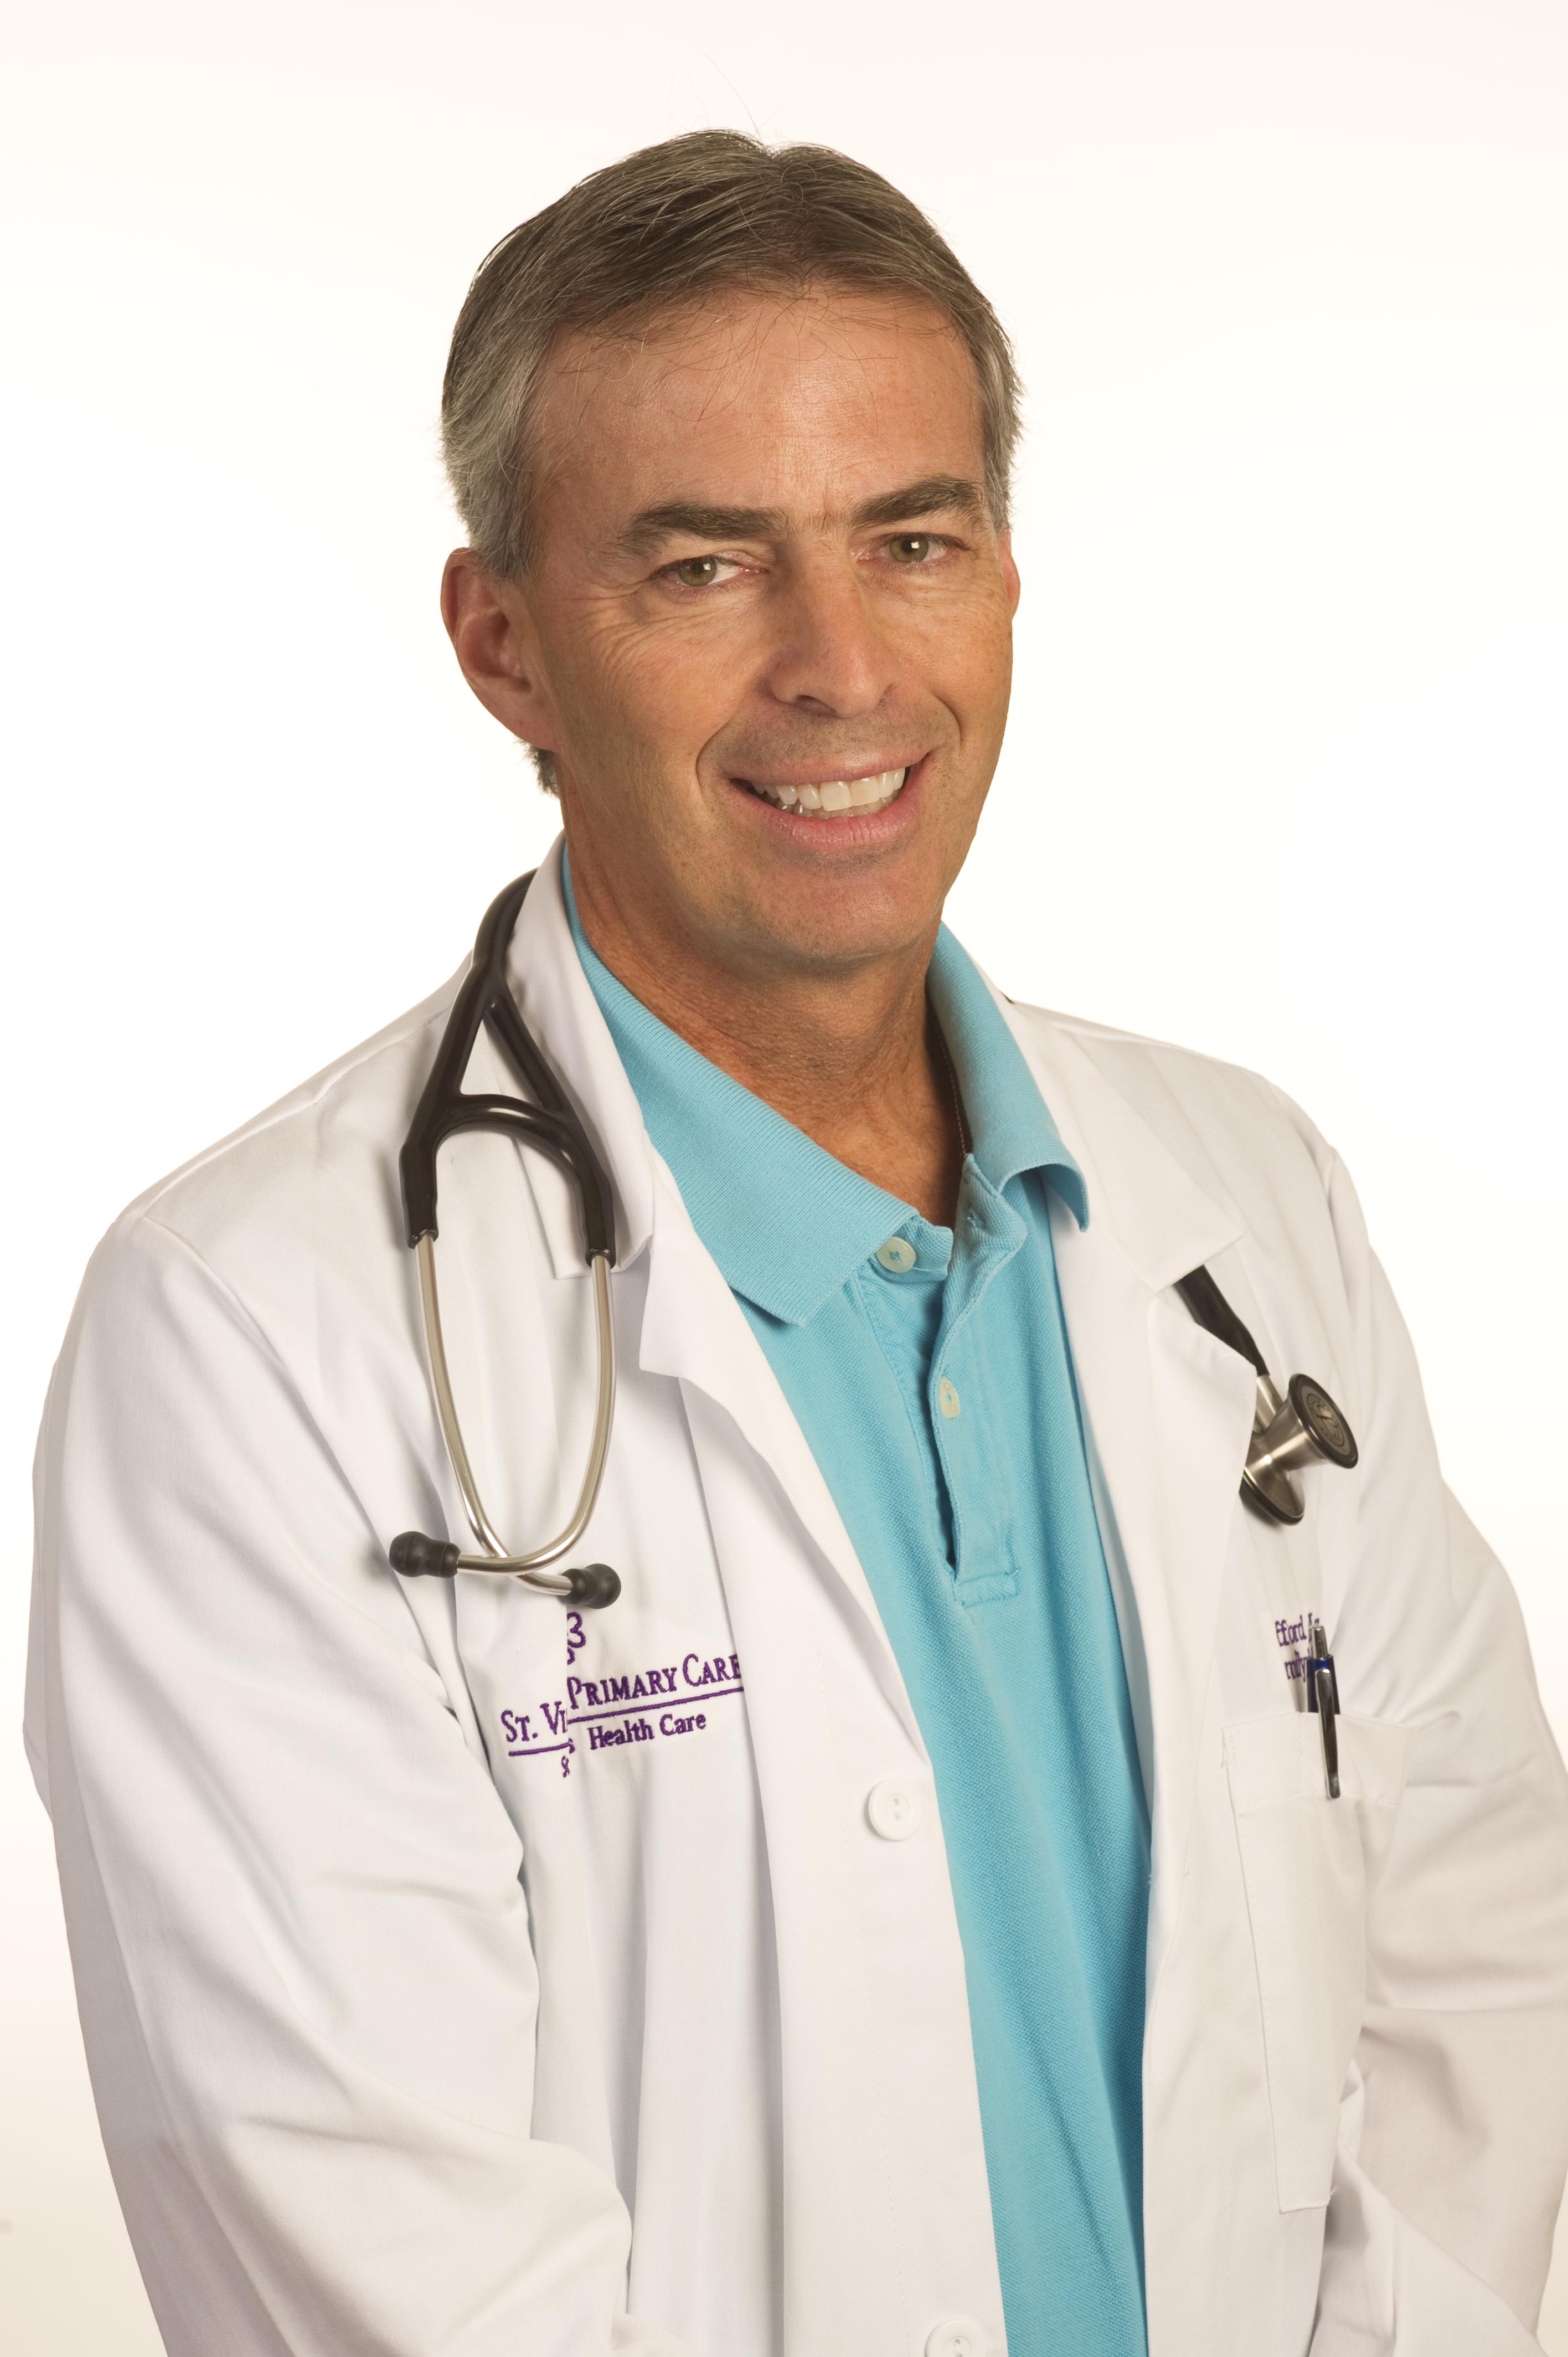 Clifford Arn, MD